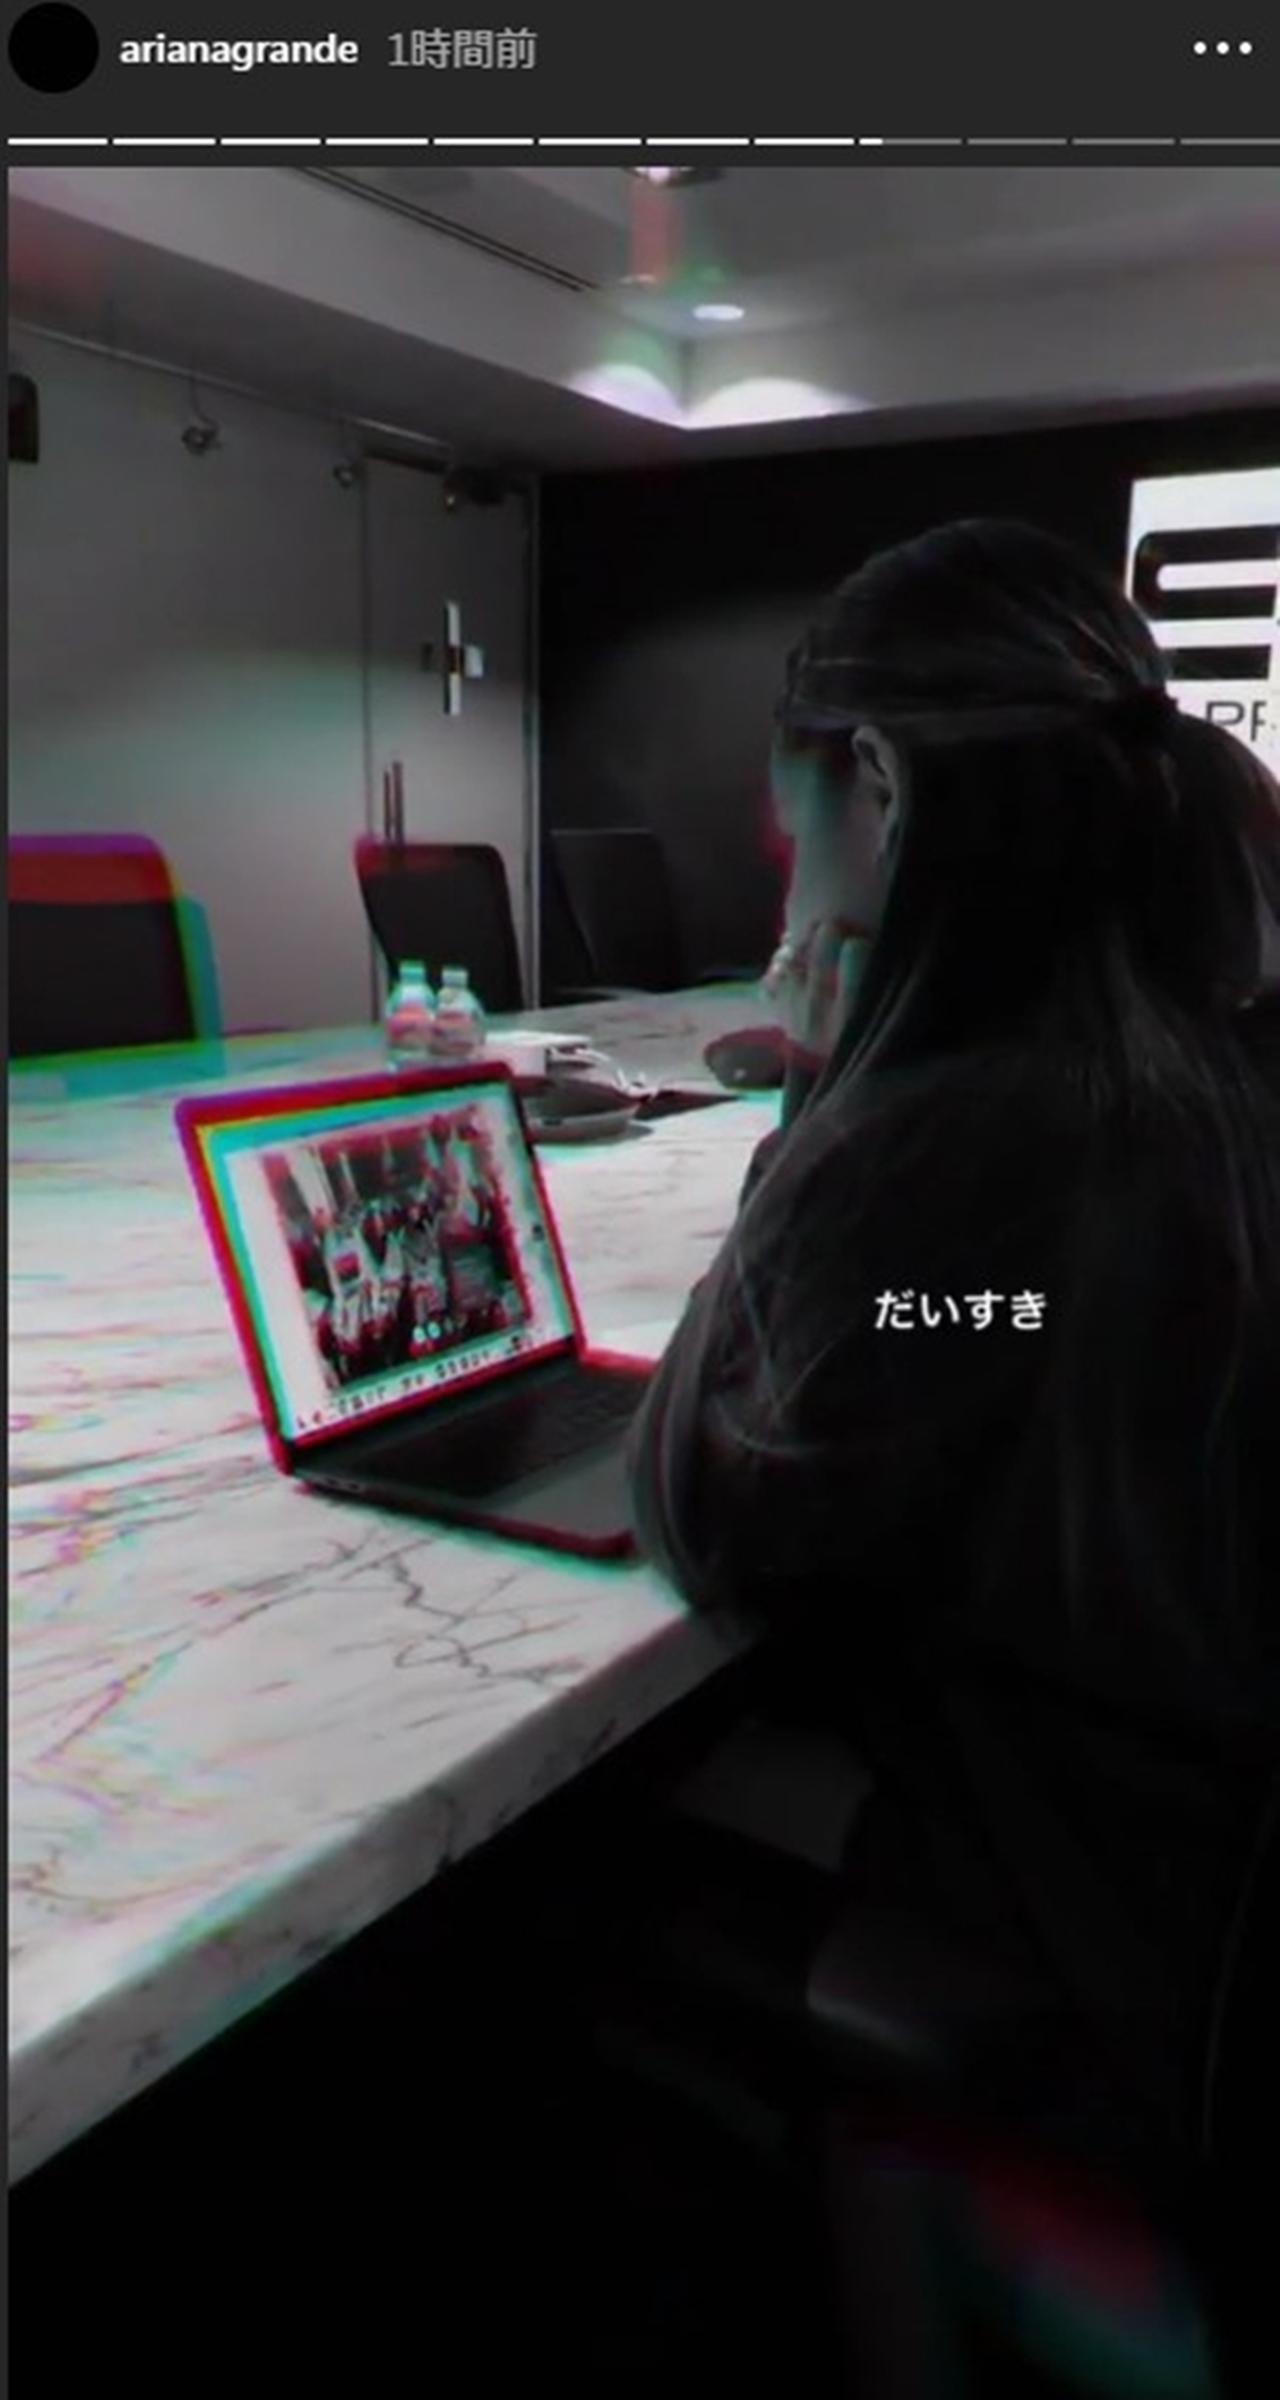 画像2: アリアナ・グランデ、日本のファンと交流し「だいすき」を連発